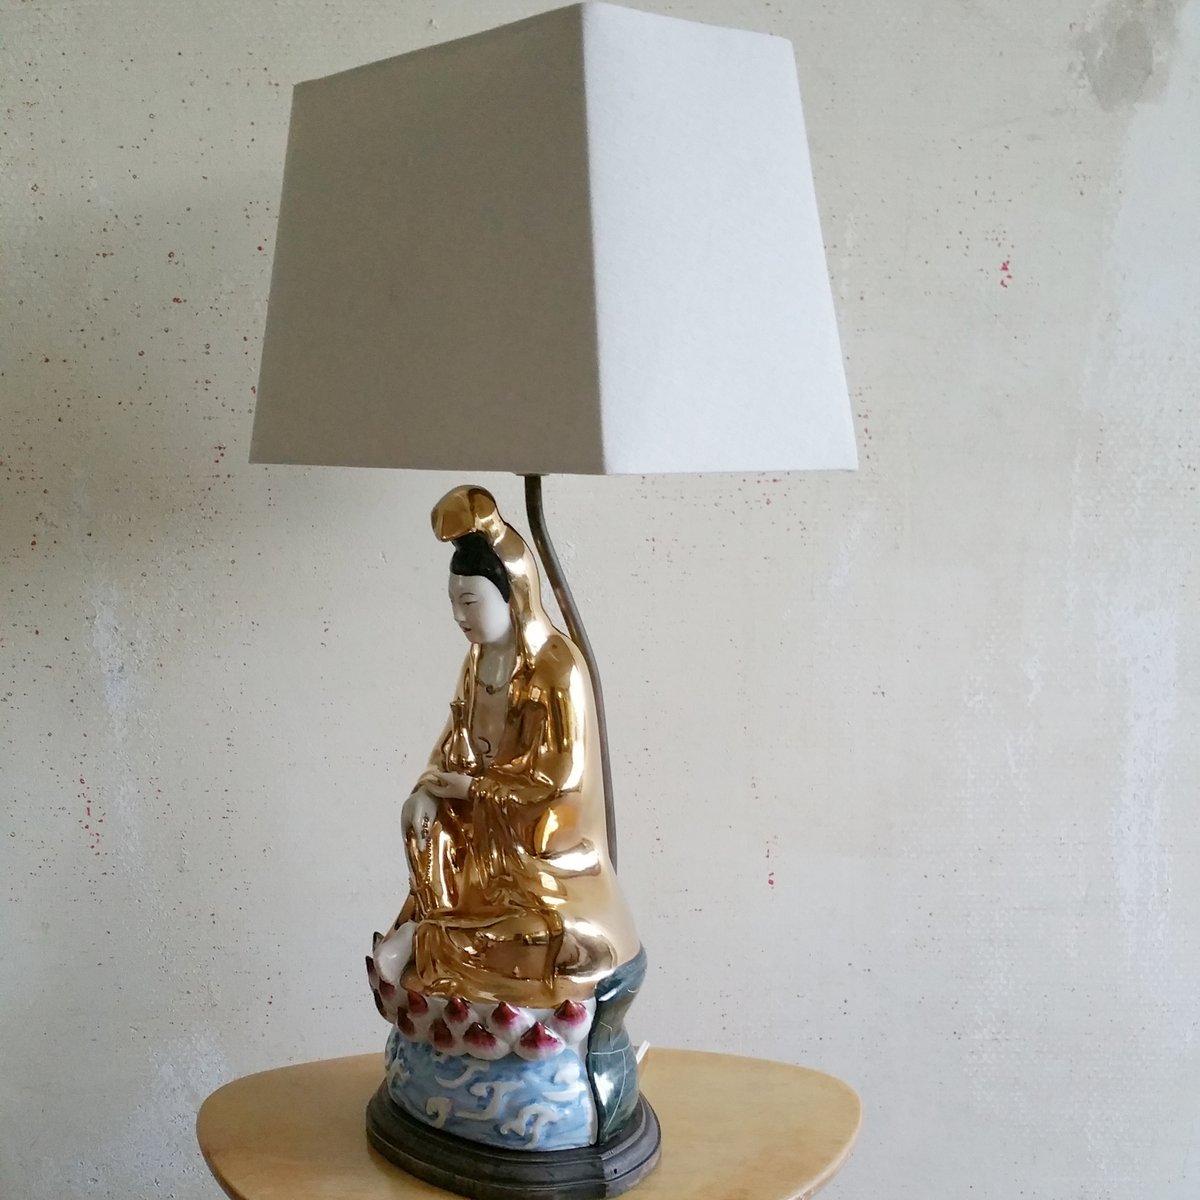 chinesische porzellan tischlampe mit figur 1950er bei pamono kaufen. Black Bedroom Furniture Sets. Home Design Ideas